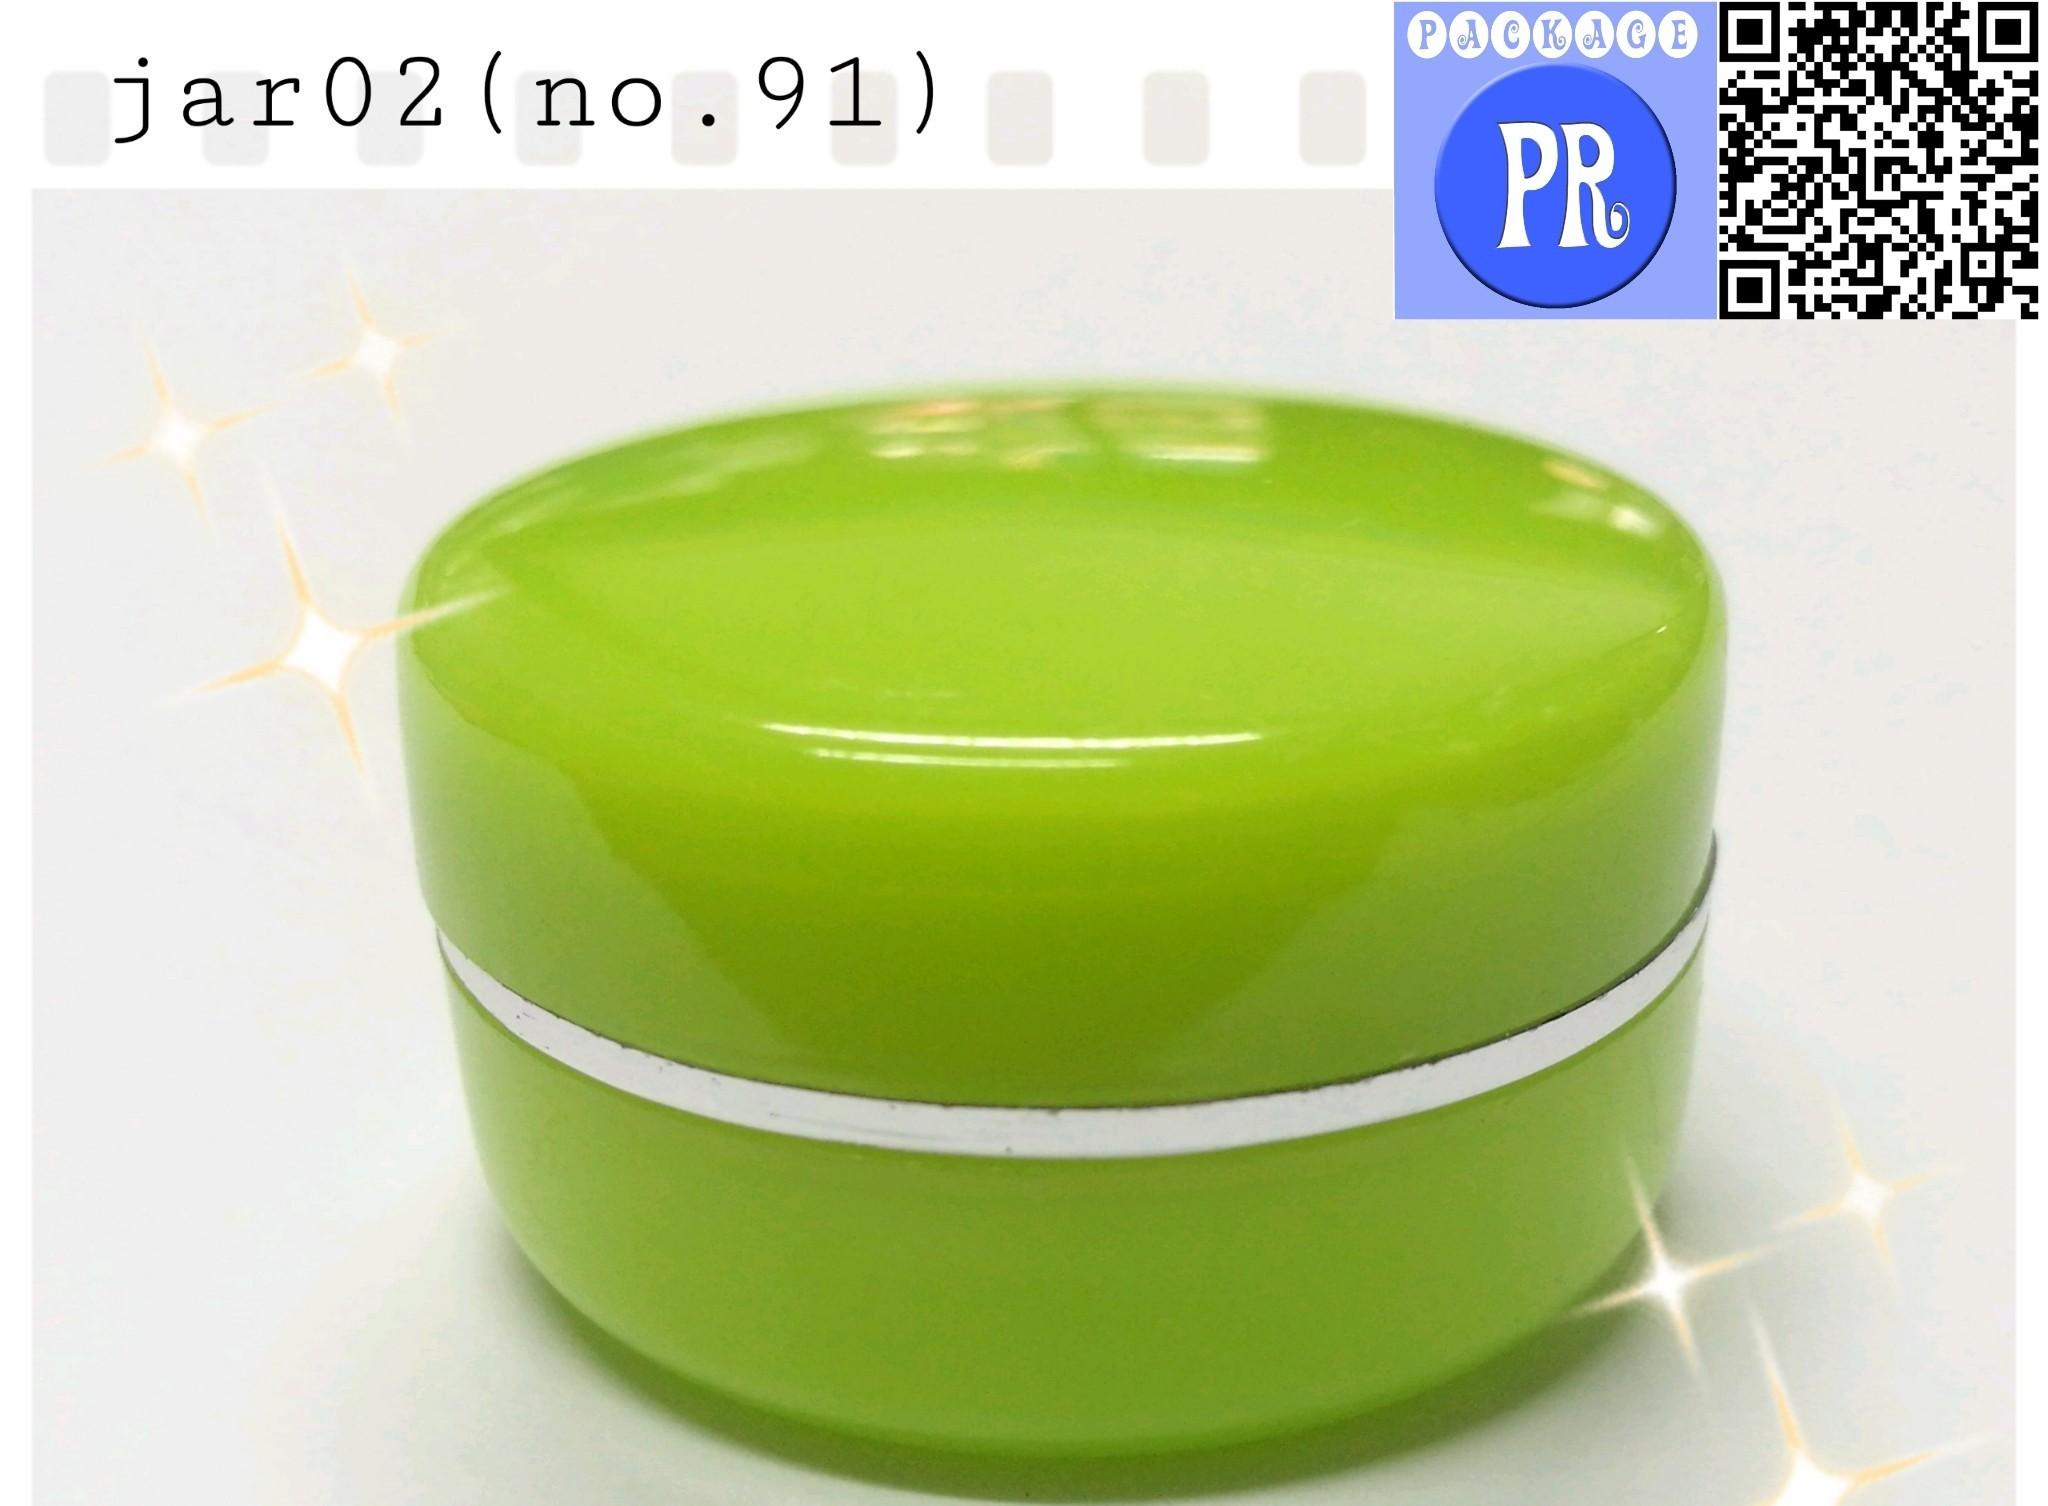 jar02-05g 1โทน เขียวมะนาวkเงิ1น (no.91)